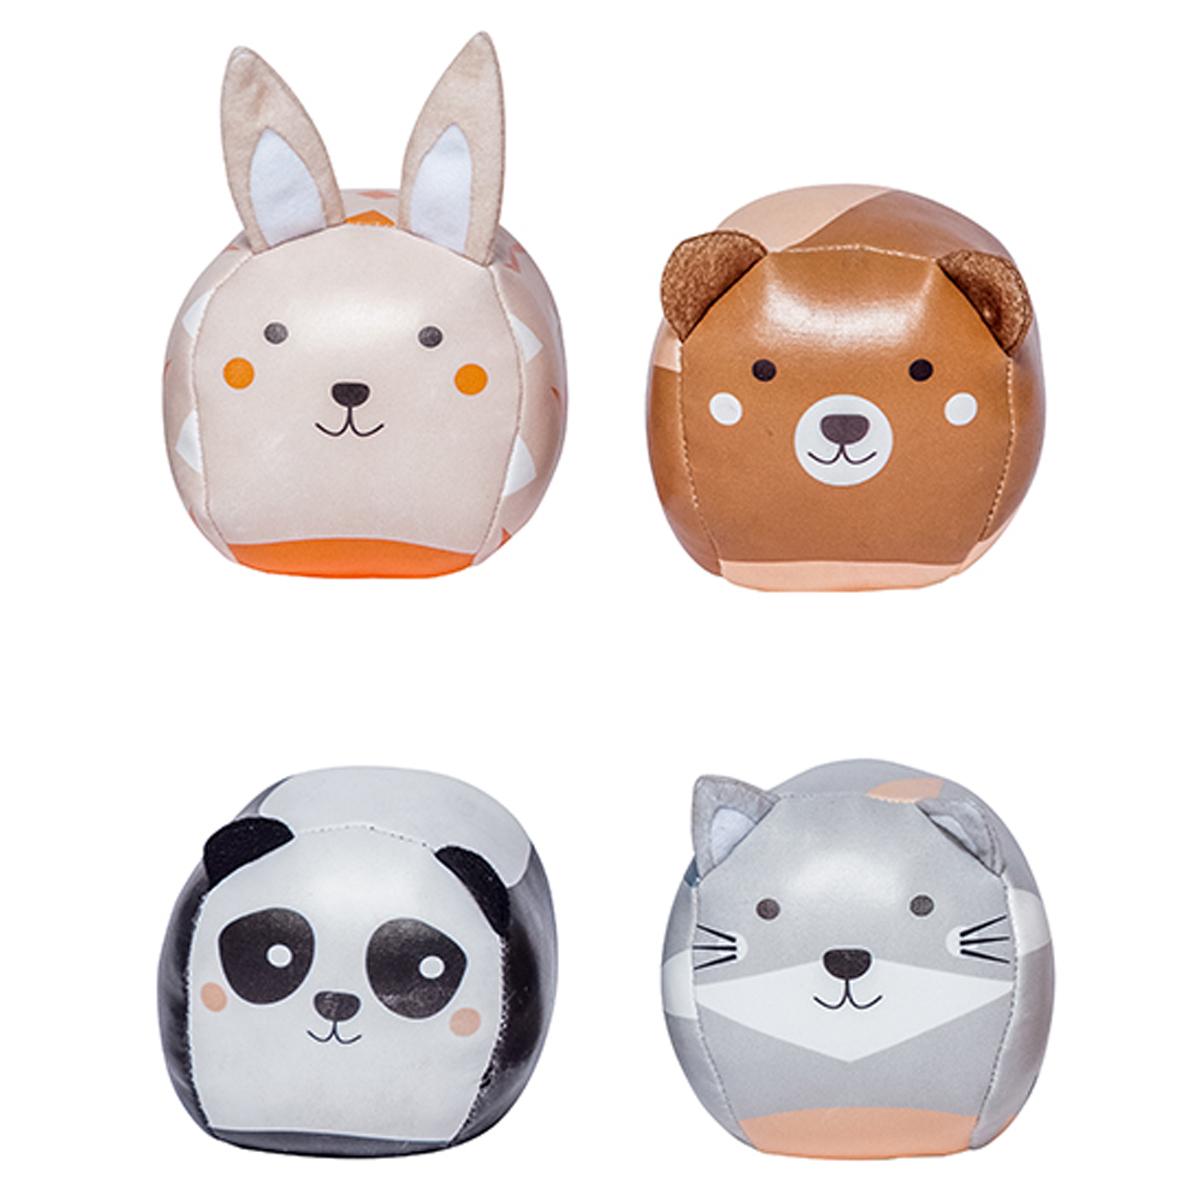 Mes premiers jouets Set de 4 Balles Doudou - Les Dooballs